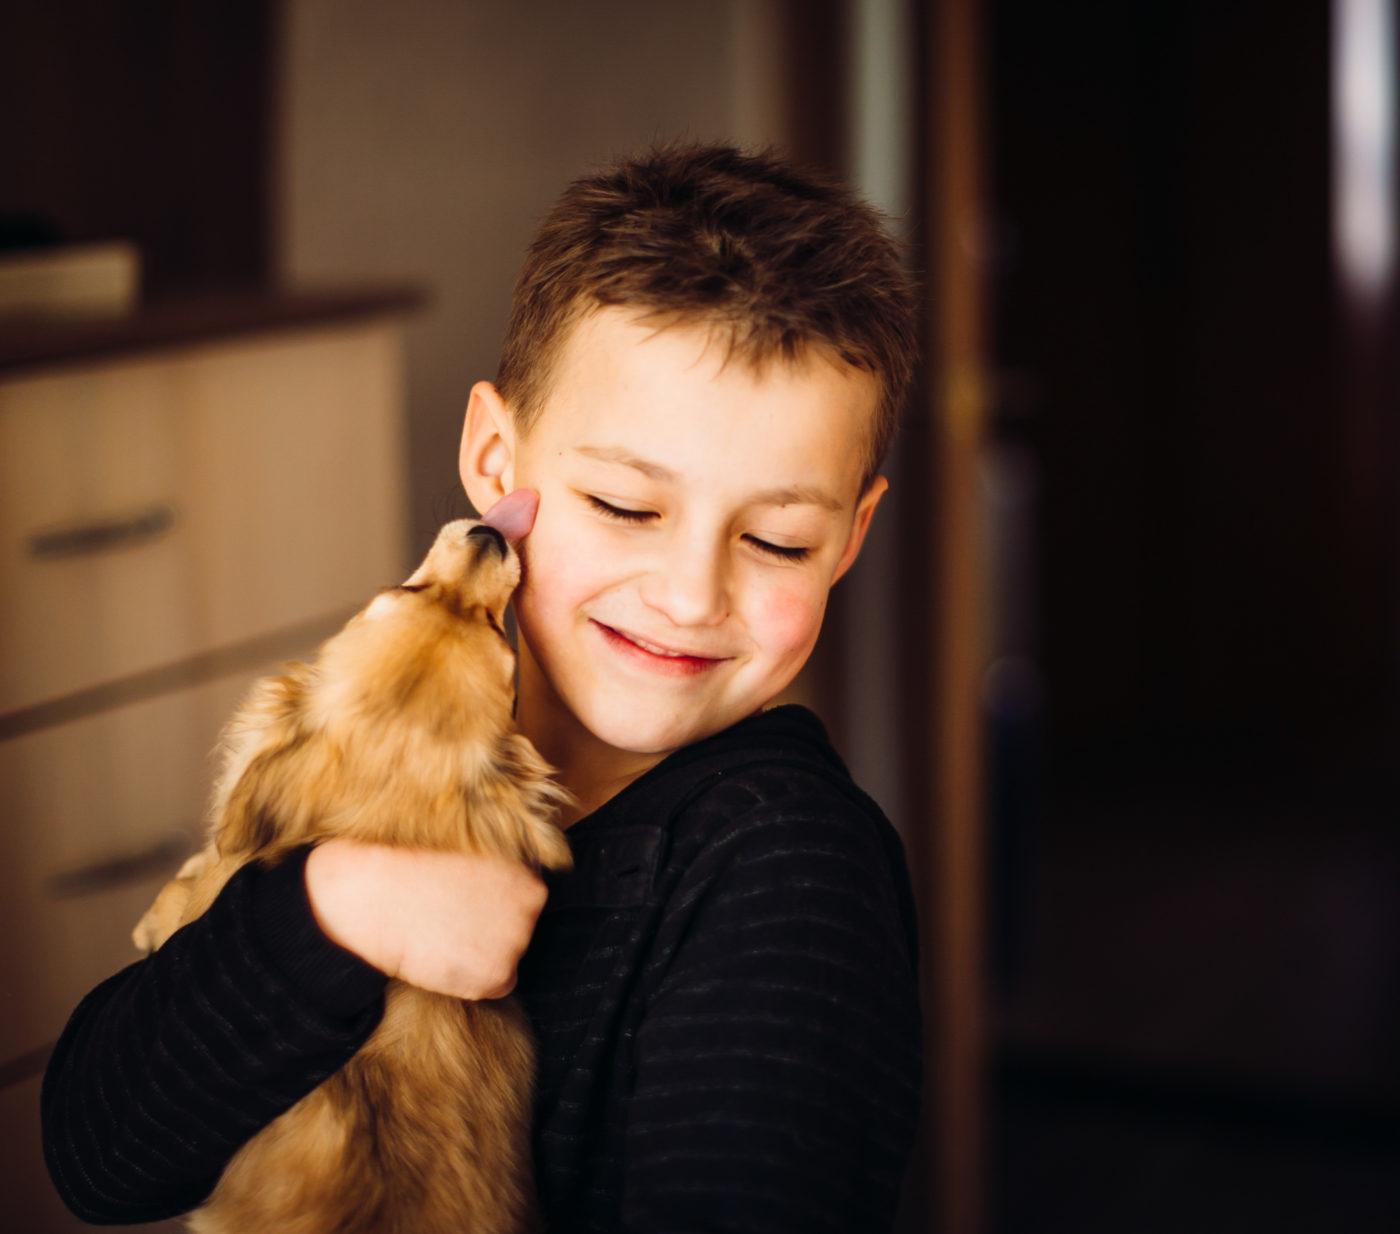 Os quatro motivos para adotar um Cachorro - Faz bem a saúde